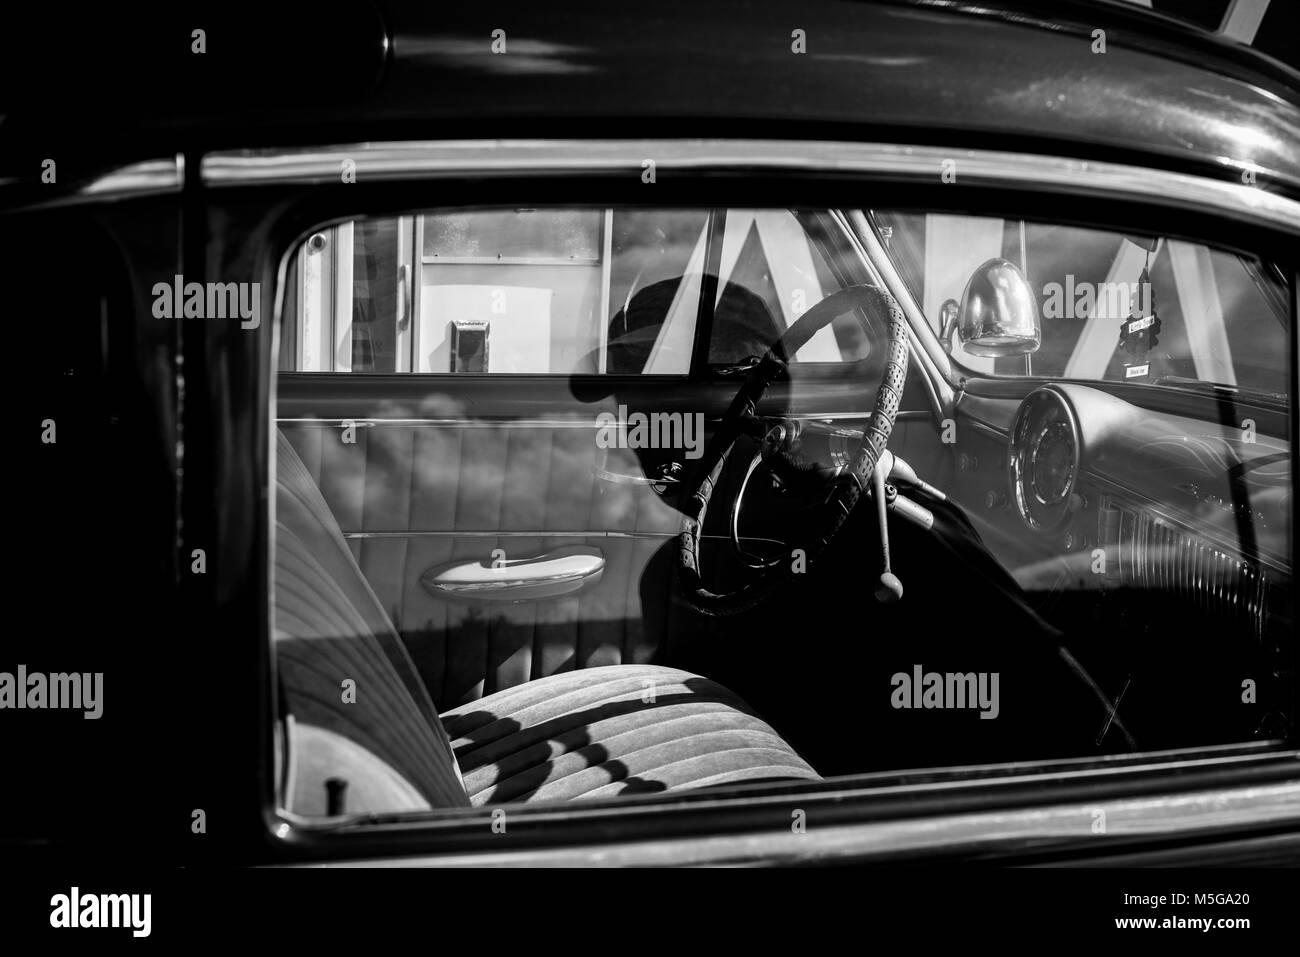 La riflessione in bianco e nero di un uomo in un vintage Chevy auto. Immagini Stock